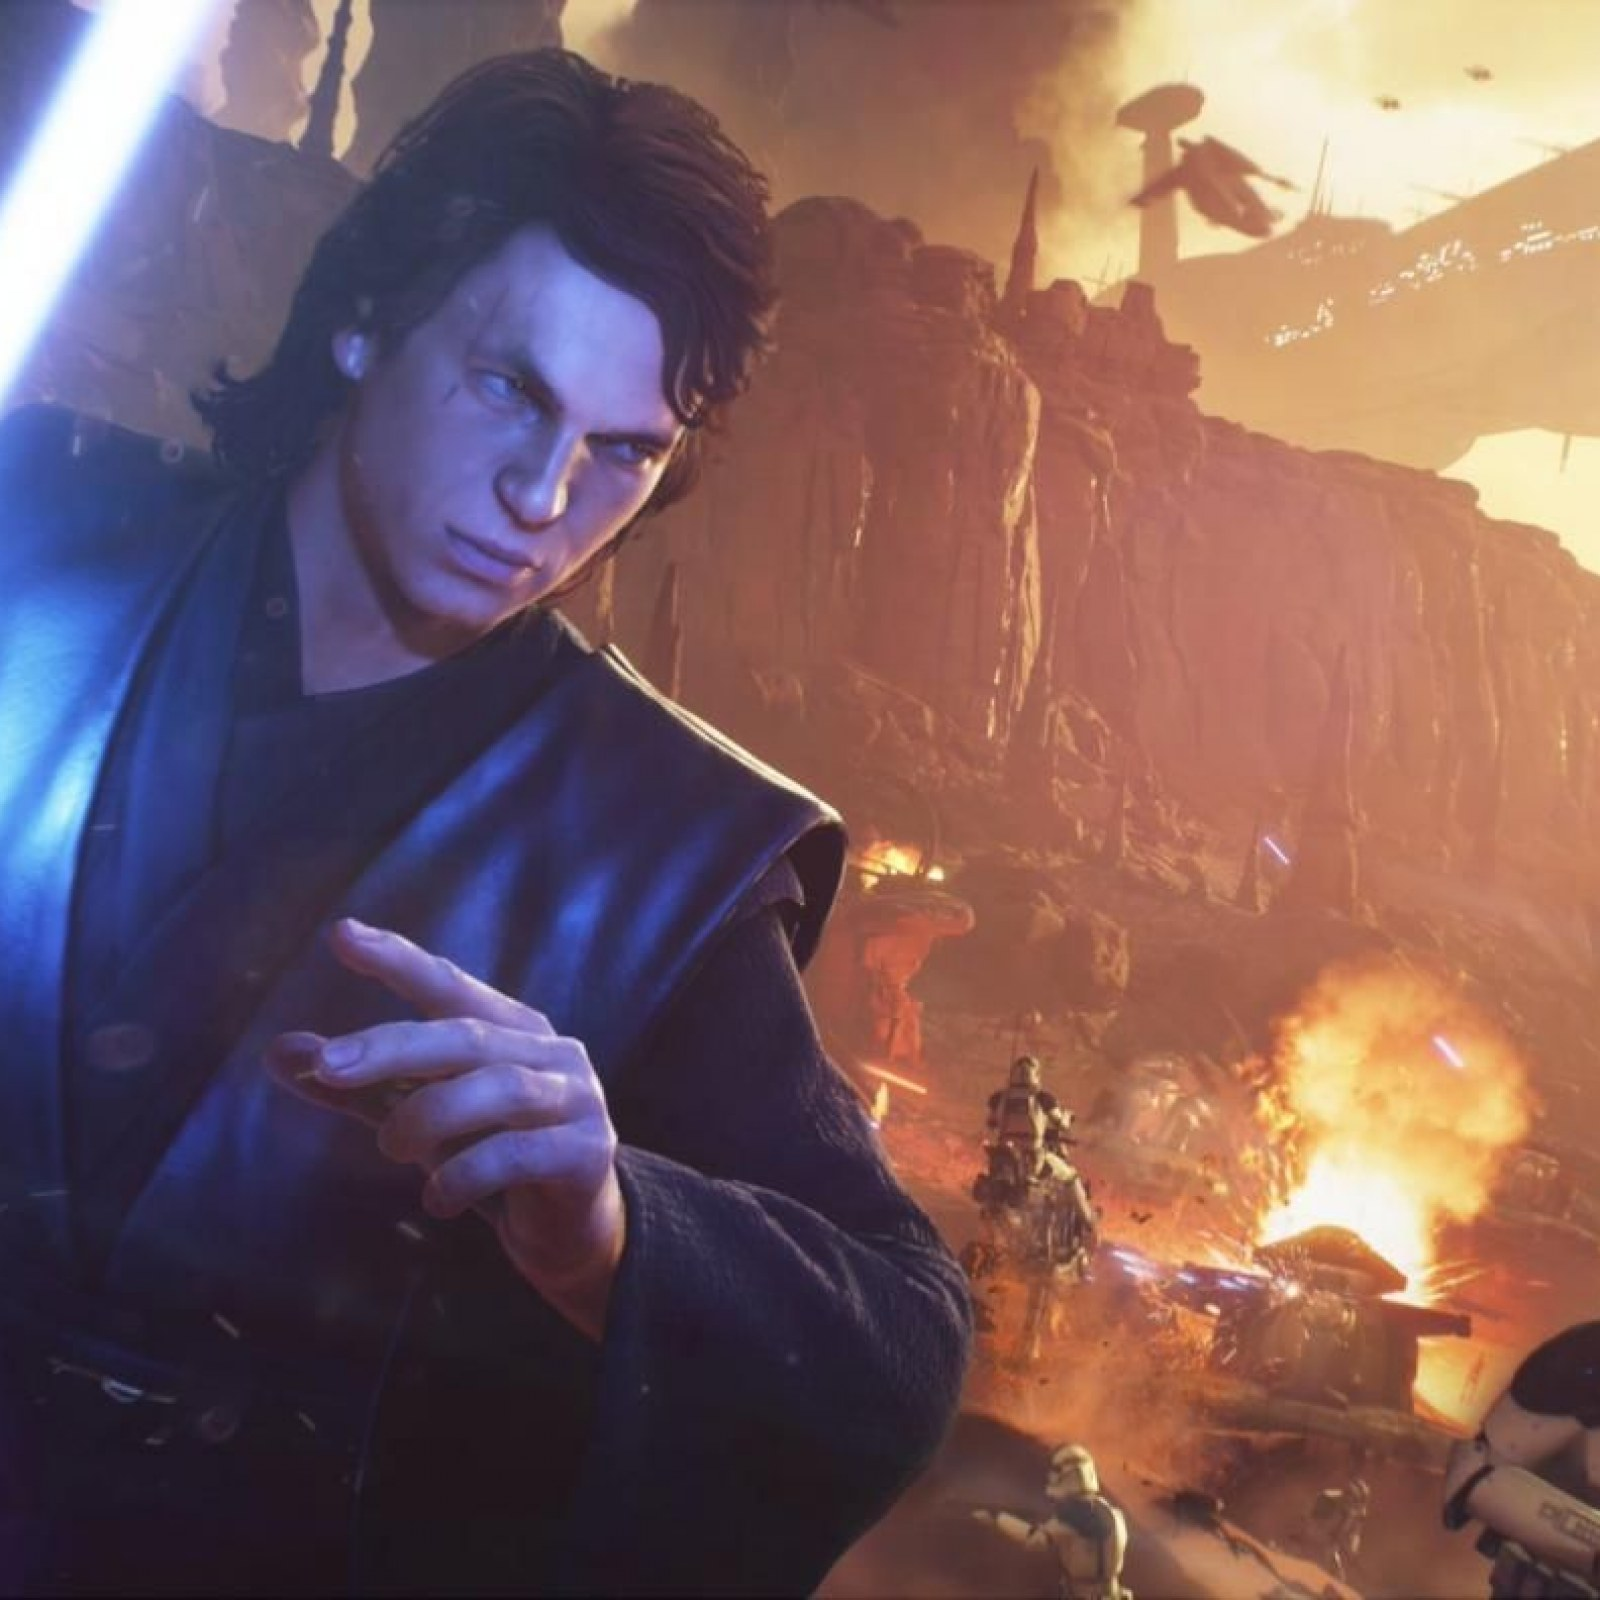 Star Wars Battlefront 2' Update 1 31 Nerfs Anakin - Patch Notes